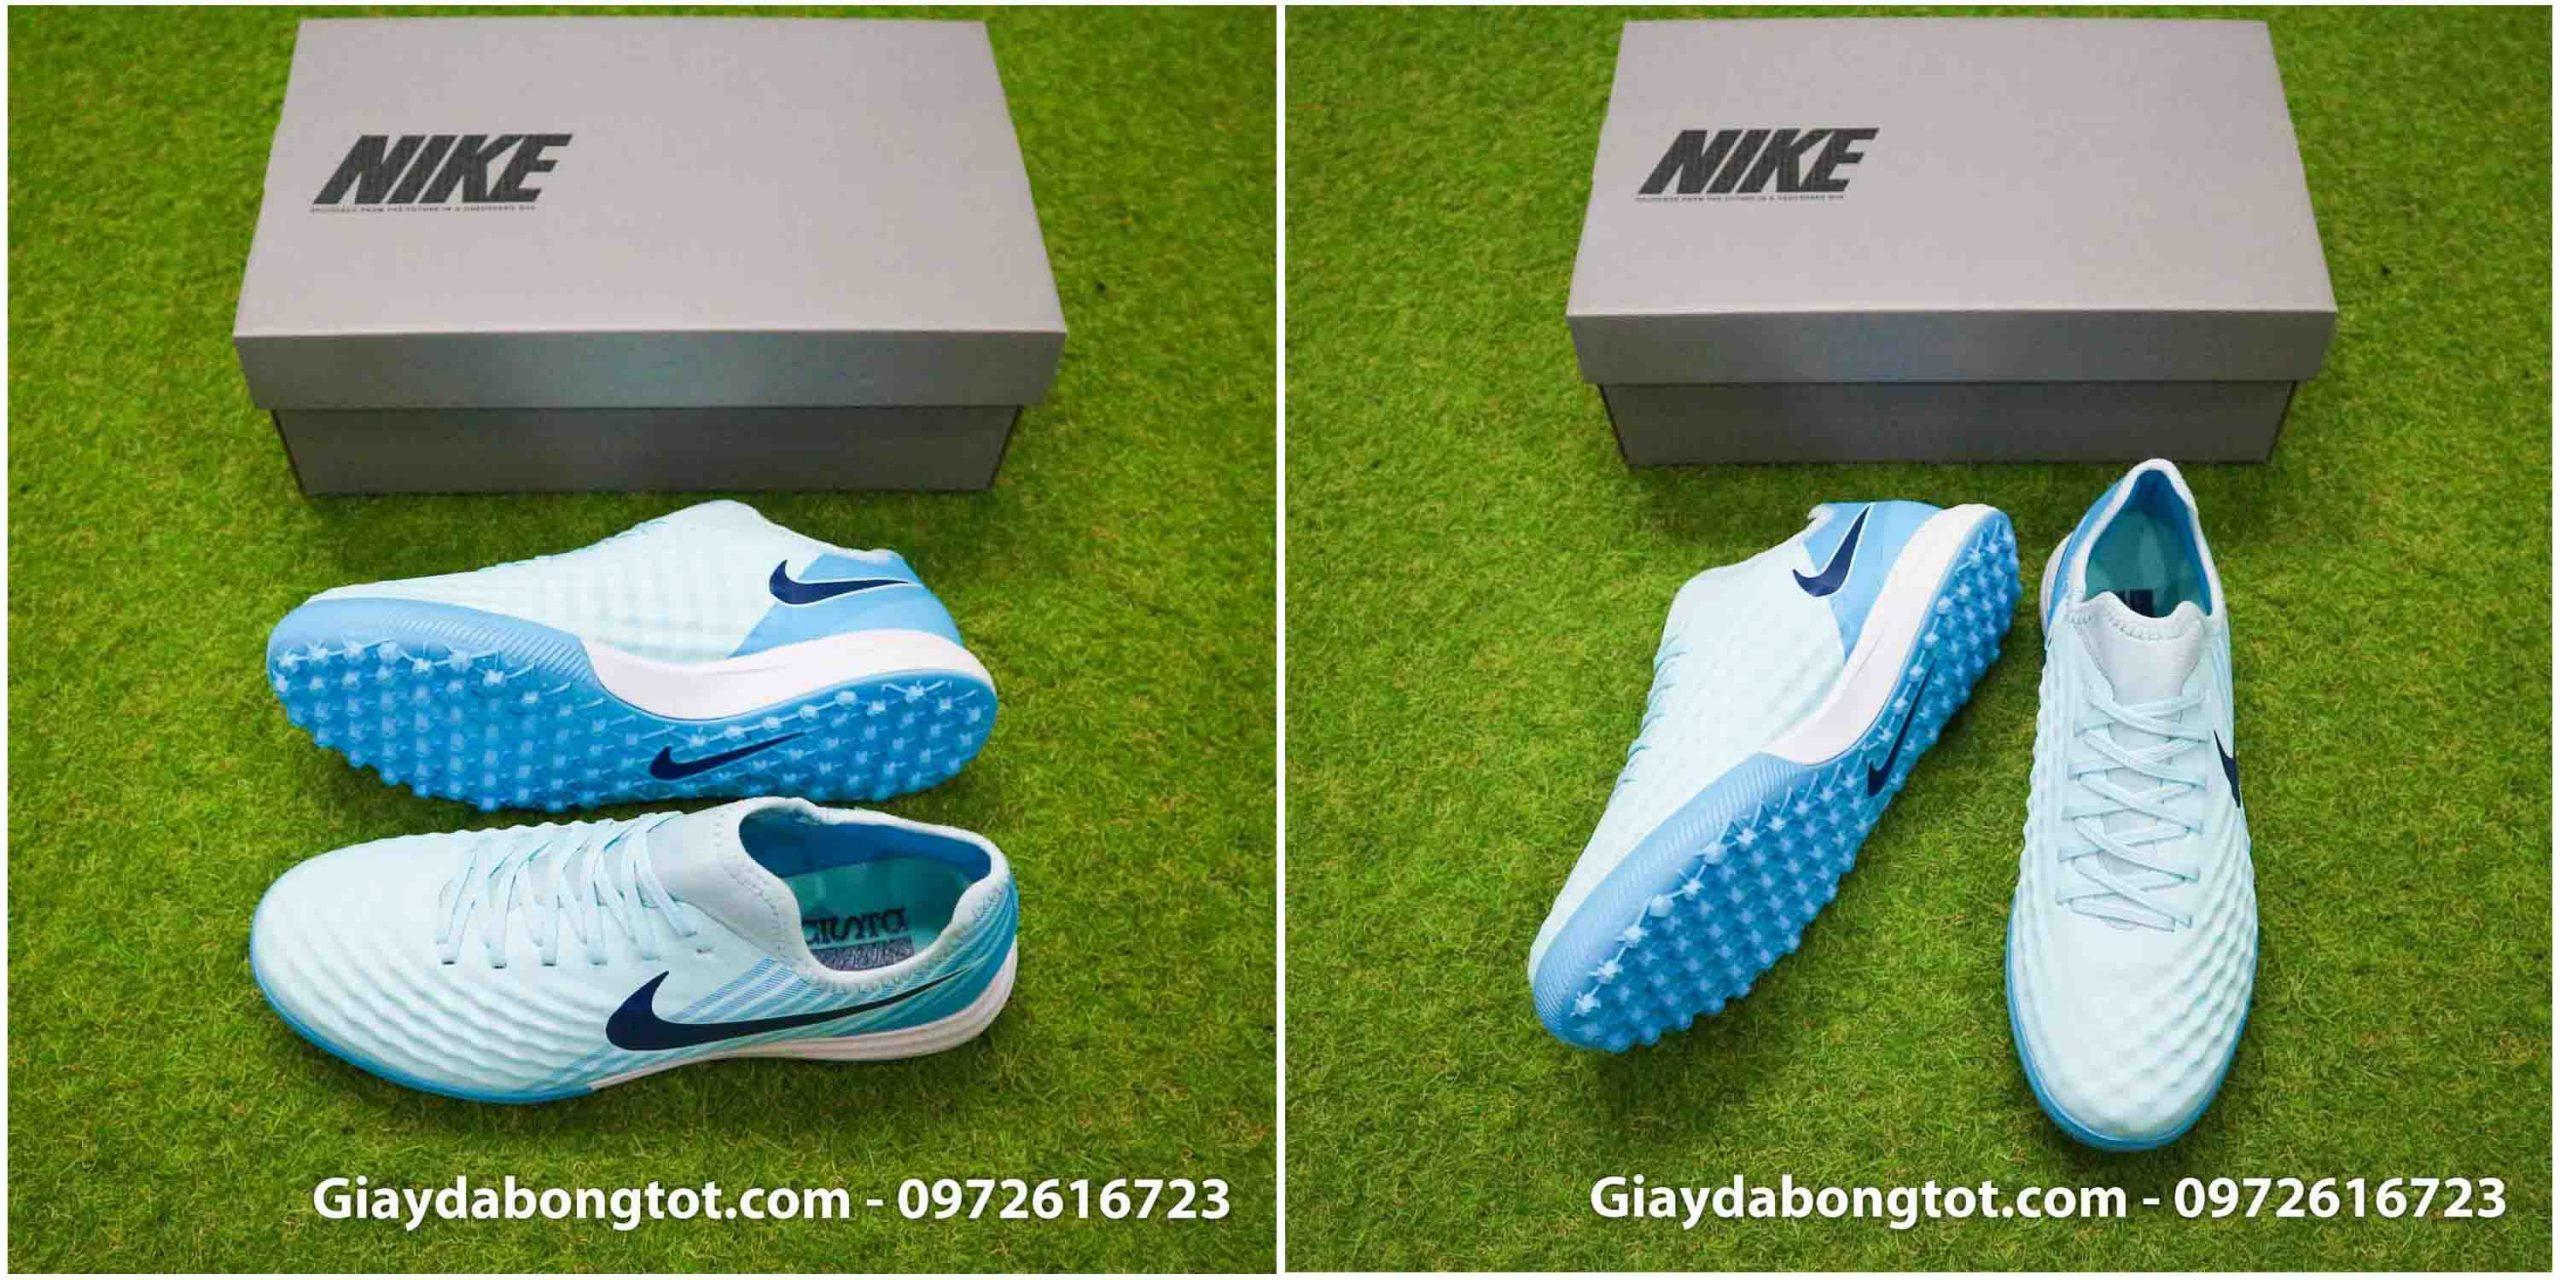 Nike Magista là một mẫu giày có cổ thun nhưng lại khá thoải mái khi mang